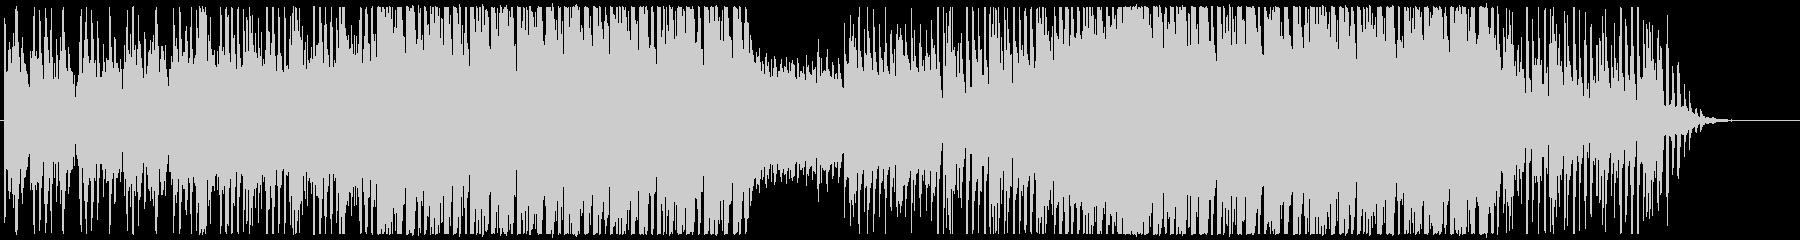 琴ループをEDM調にしたほんわかBGMの未再生の波形